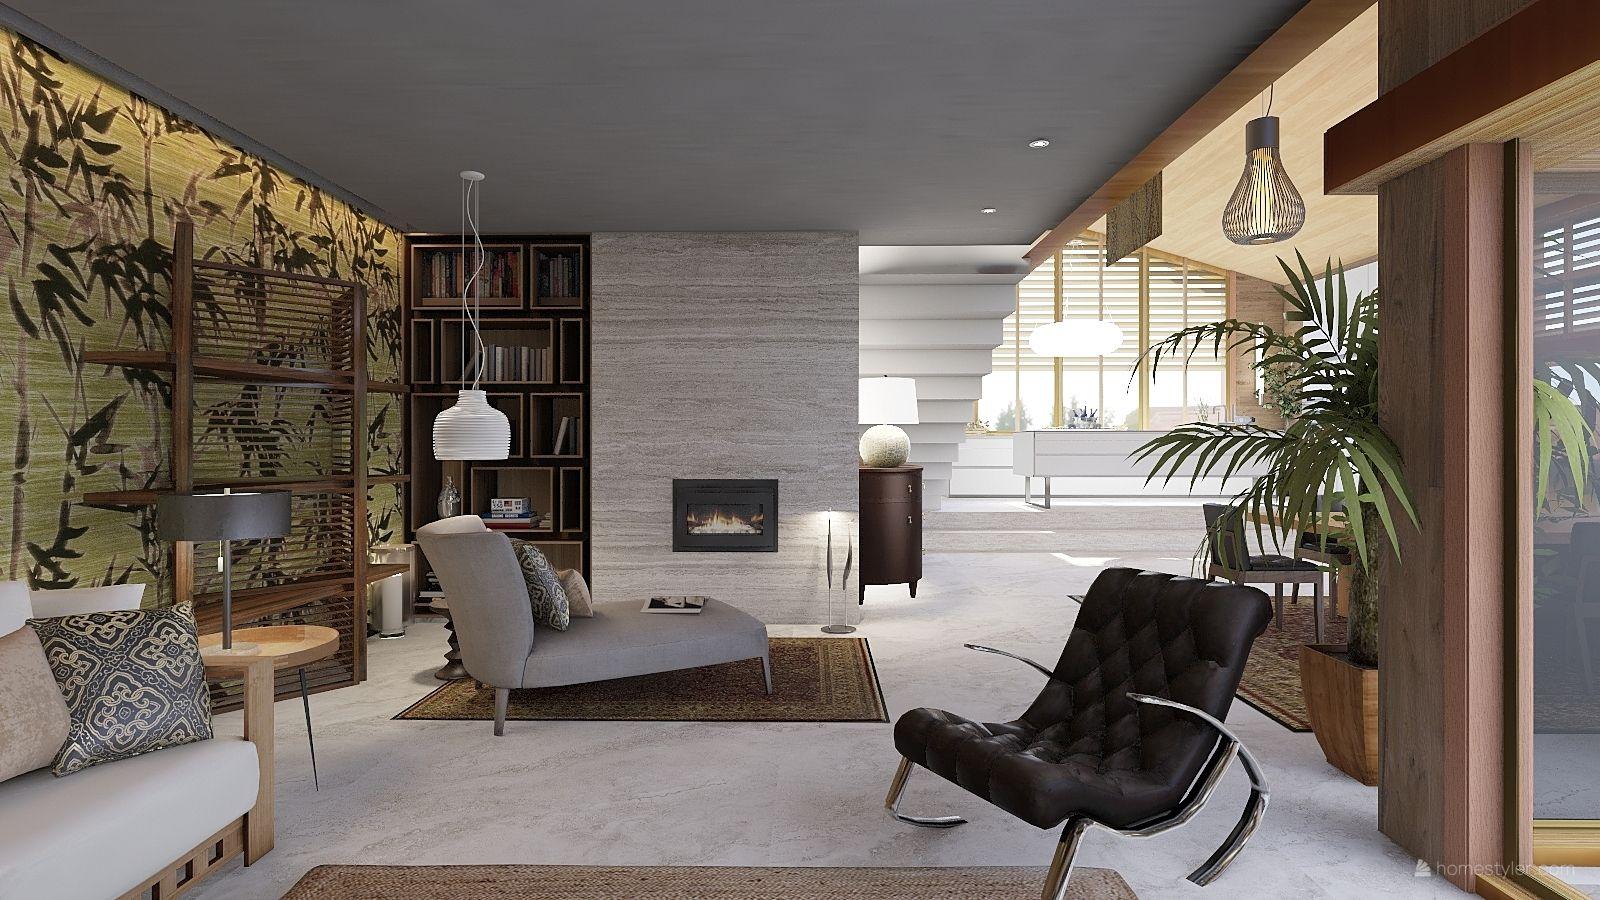 Living Room Design By Svetlysveva 3d Home Design Software Home